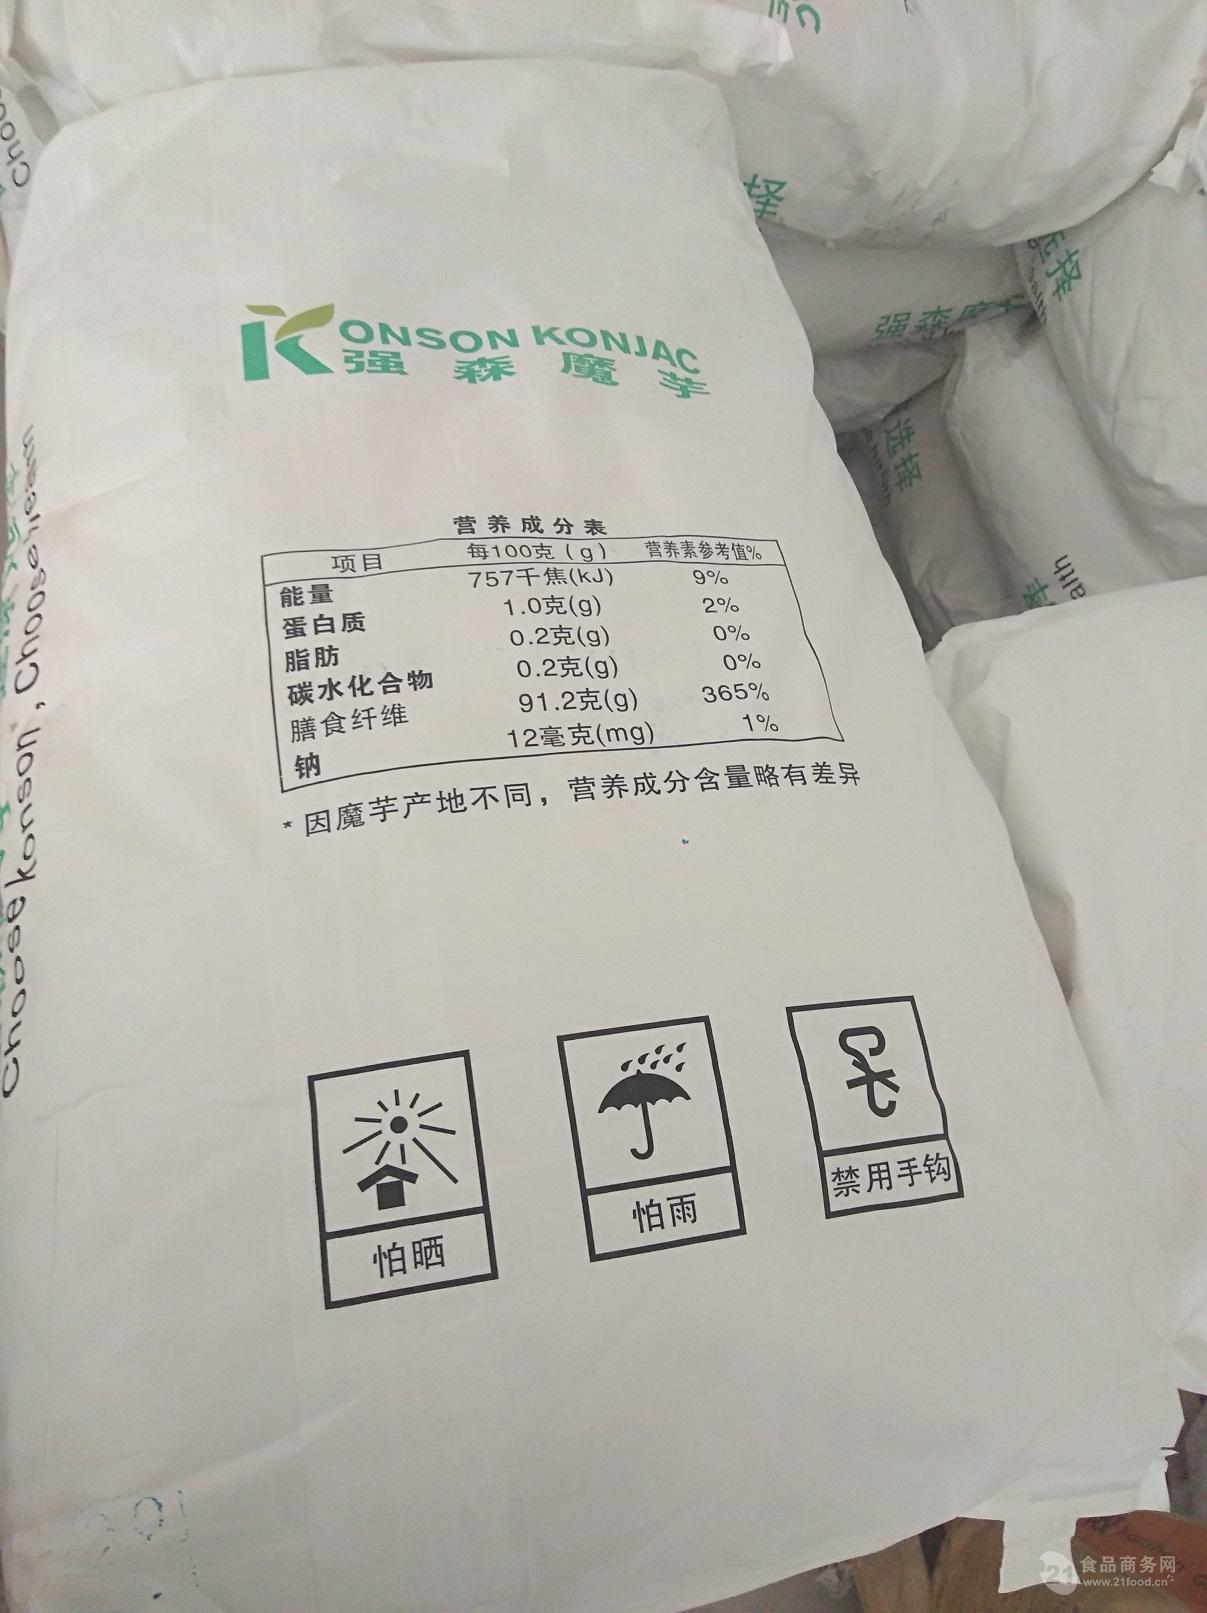 供应生产魔芋粉 天然葡甘露聚糖